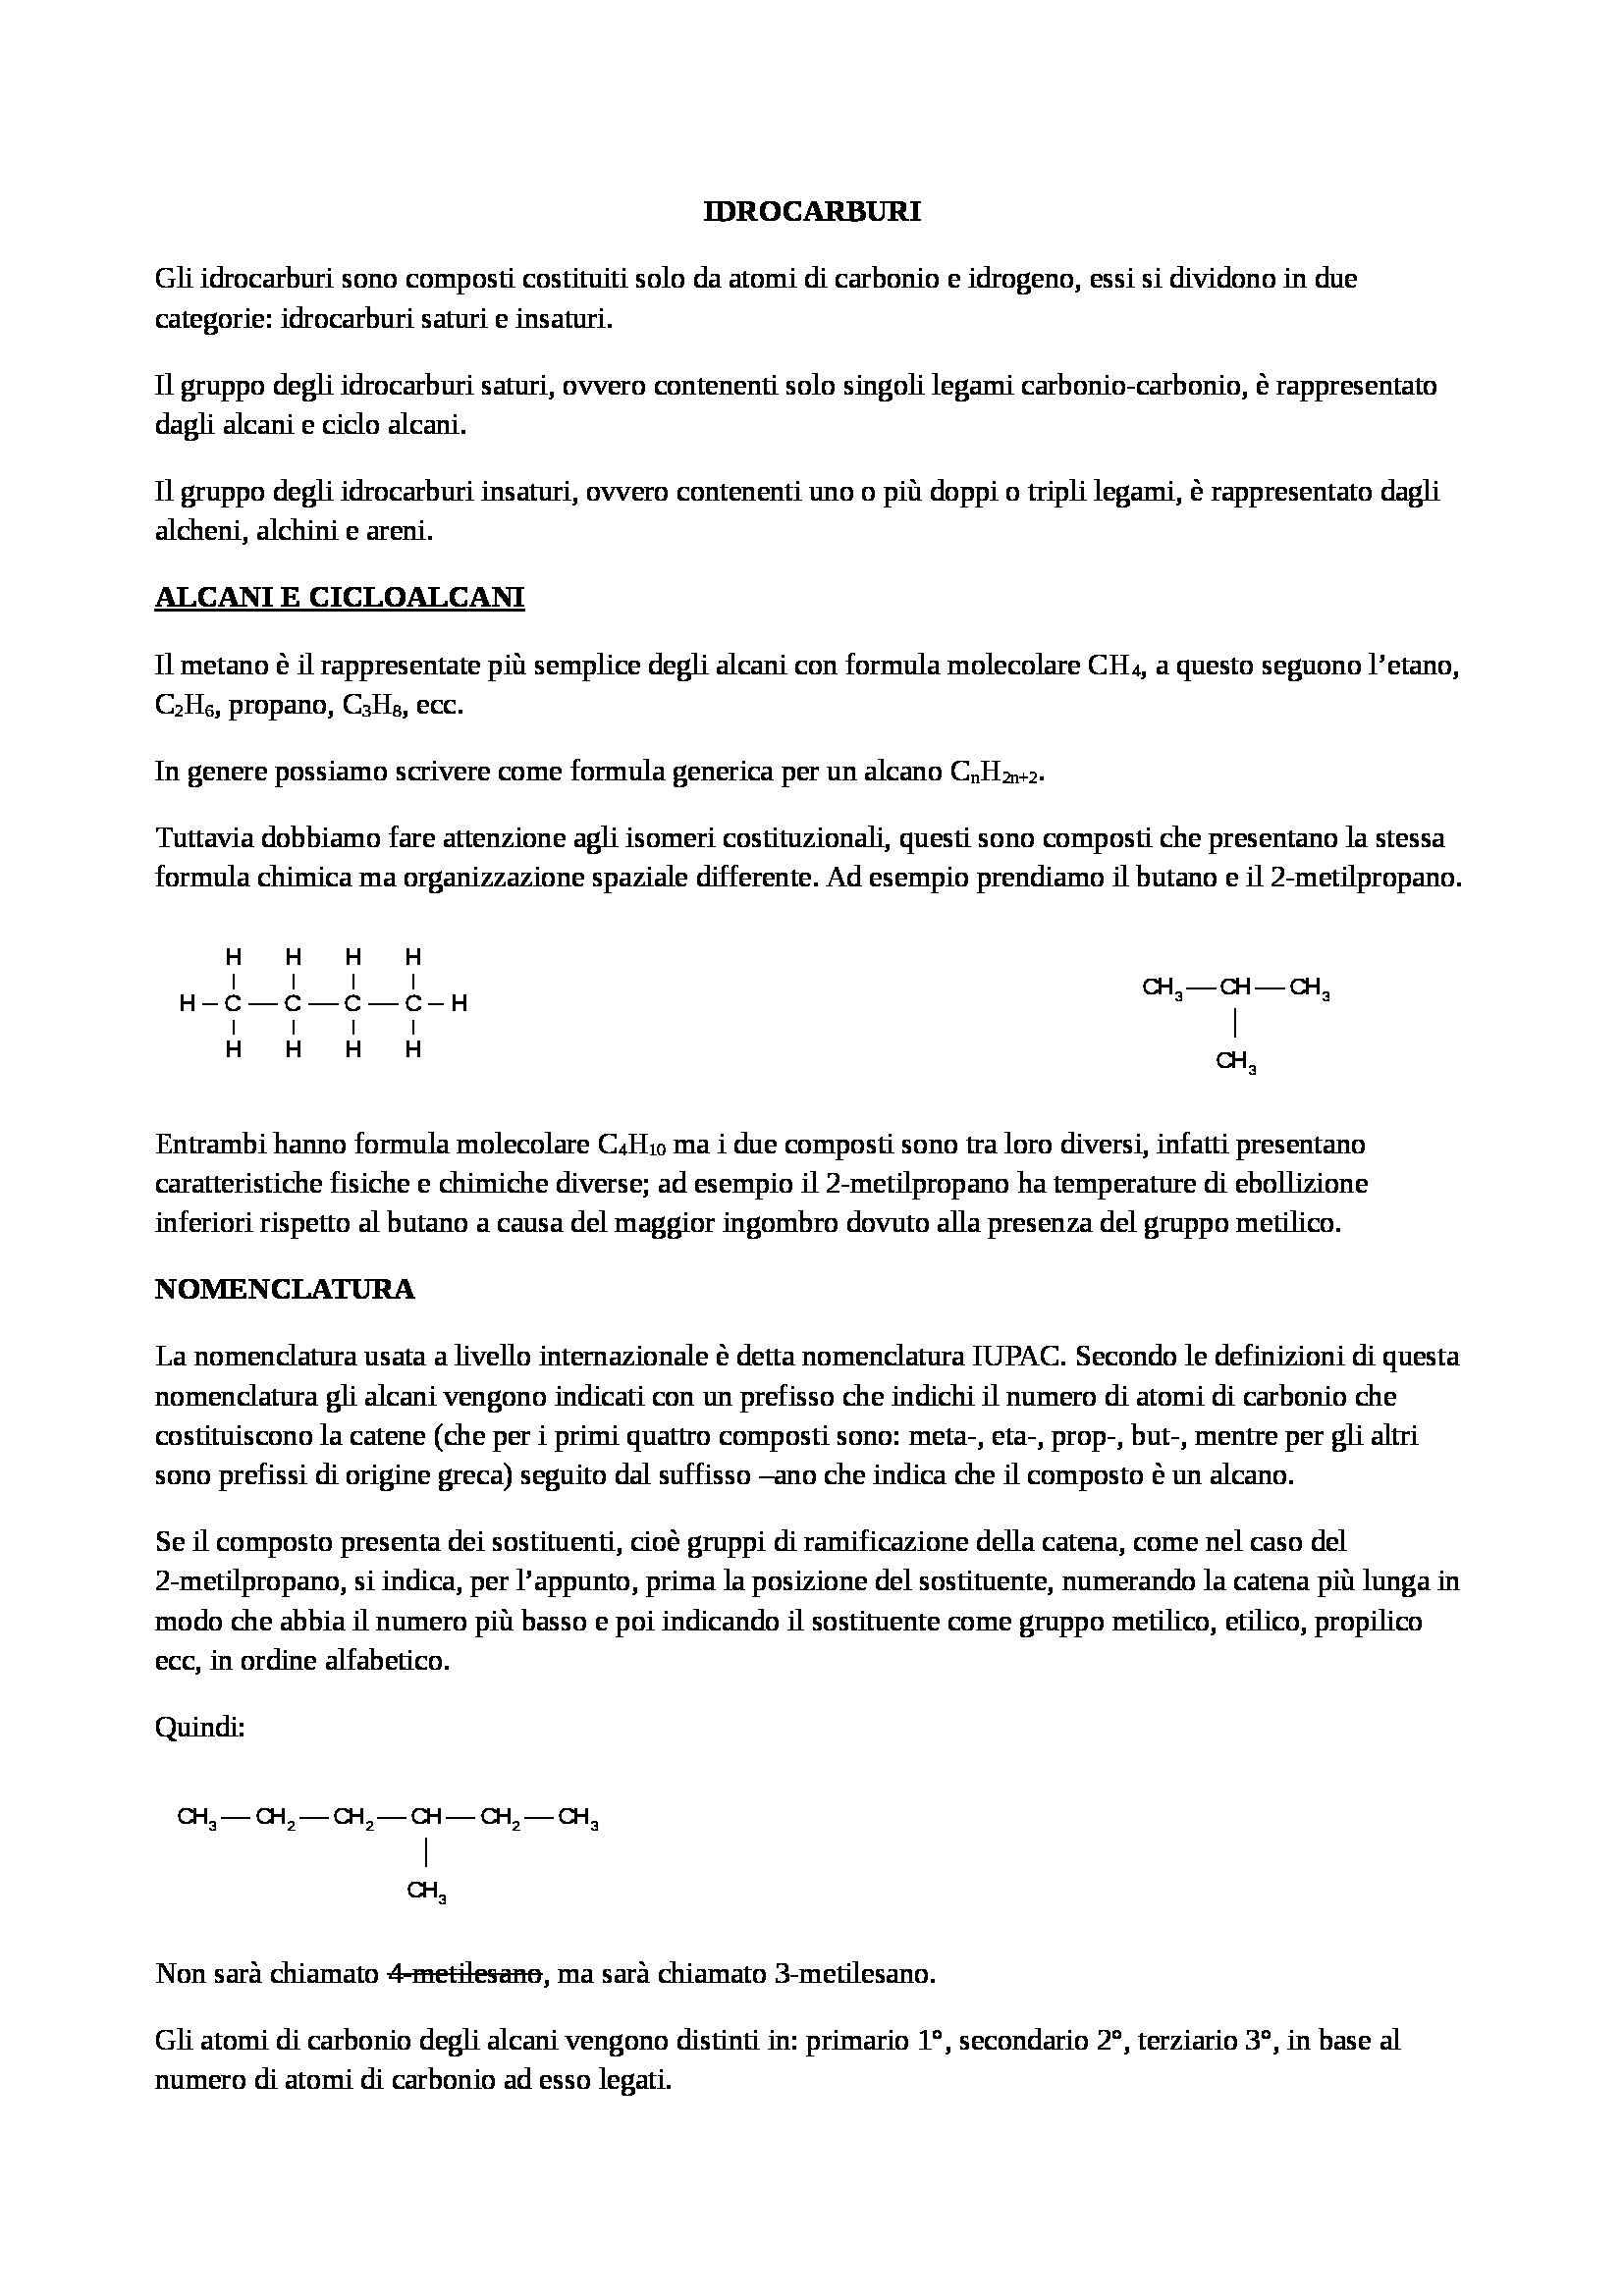 Chimica organca - Alcani, alcheni e alchini